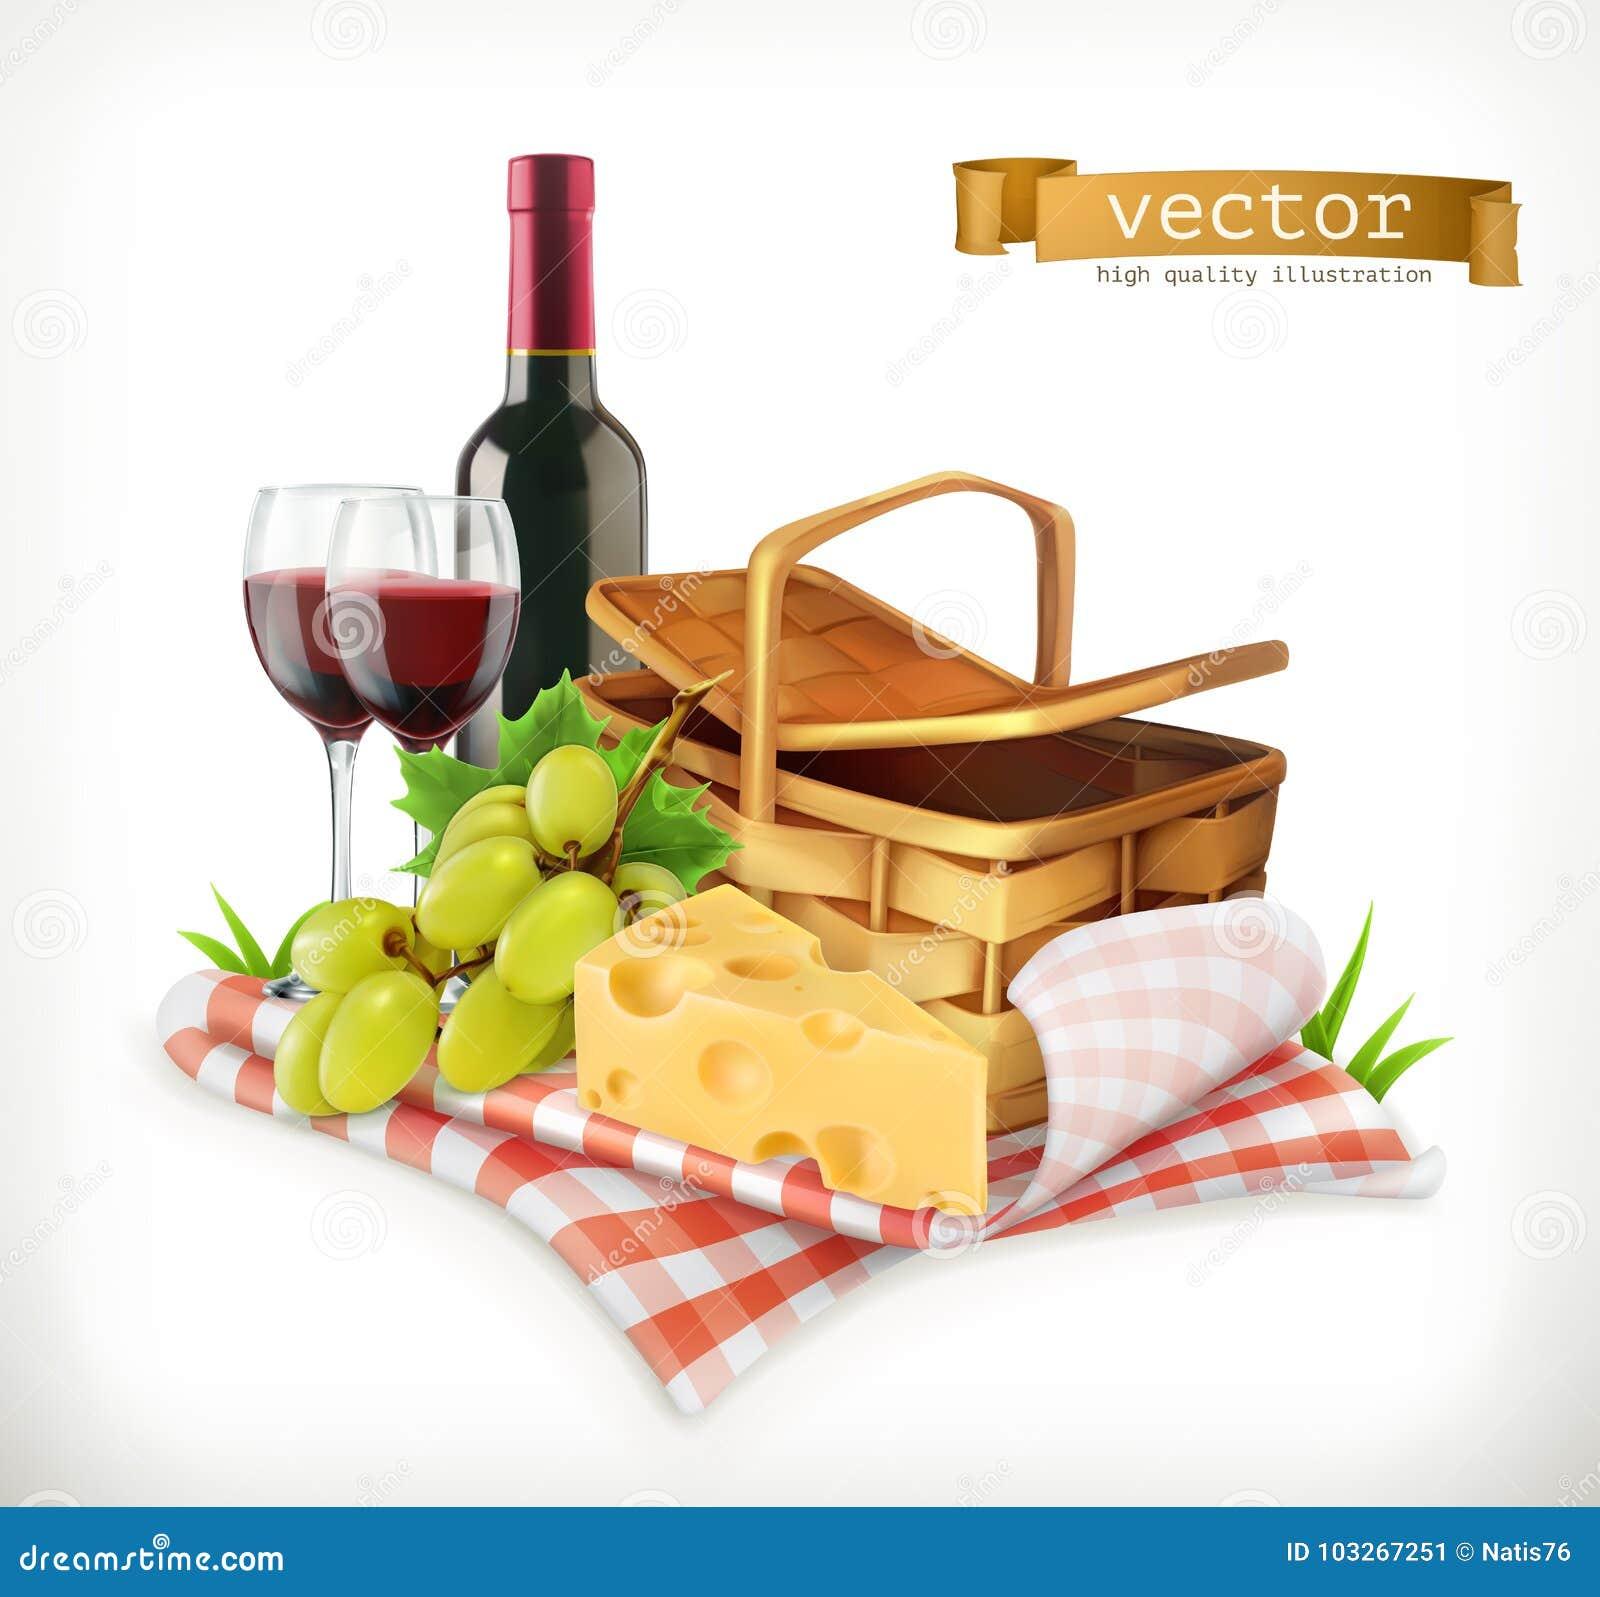 Zeit für ein Picknick, ein Tischdecken- und Picknickkorb, Weingläser, Käse und Trauben, Vektor illustratio